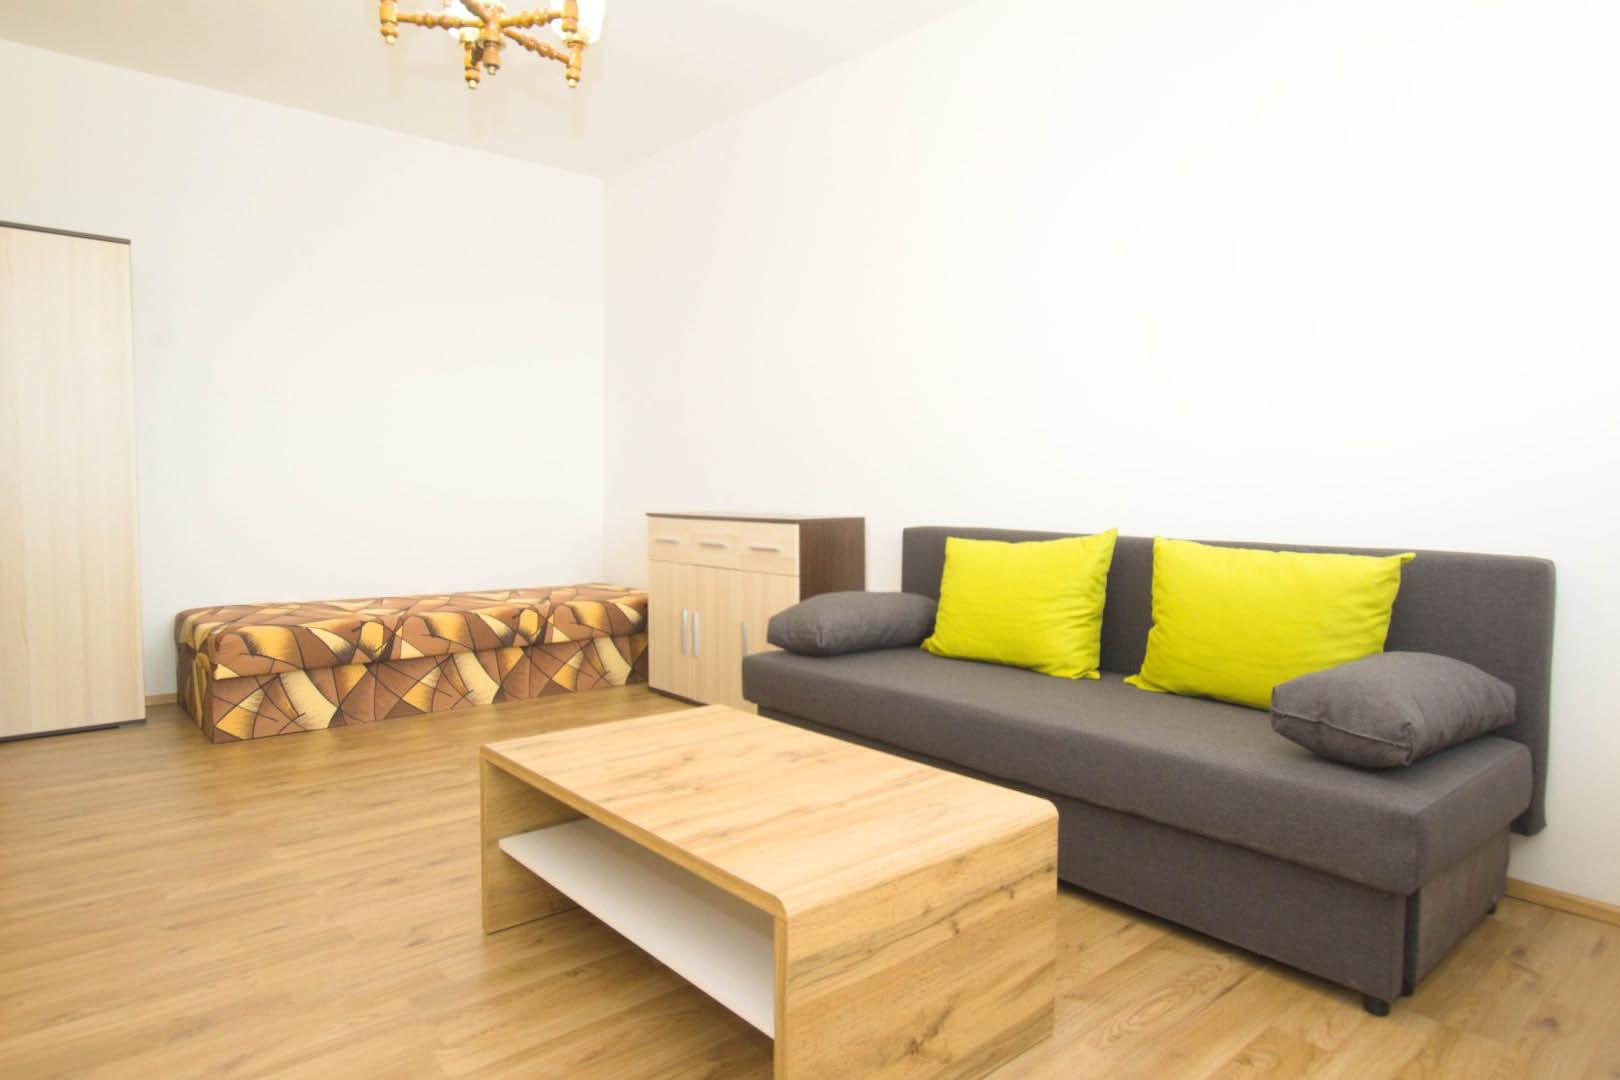 PRENAJATÉ | 1 izbový byt | Medveďovej, Bratislava